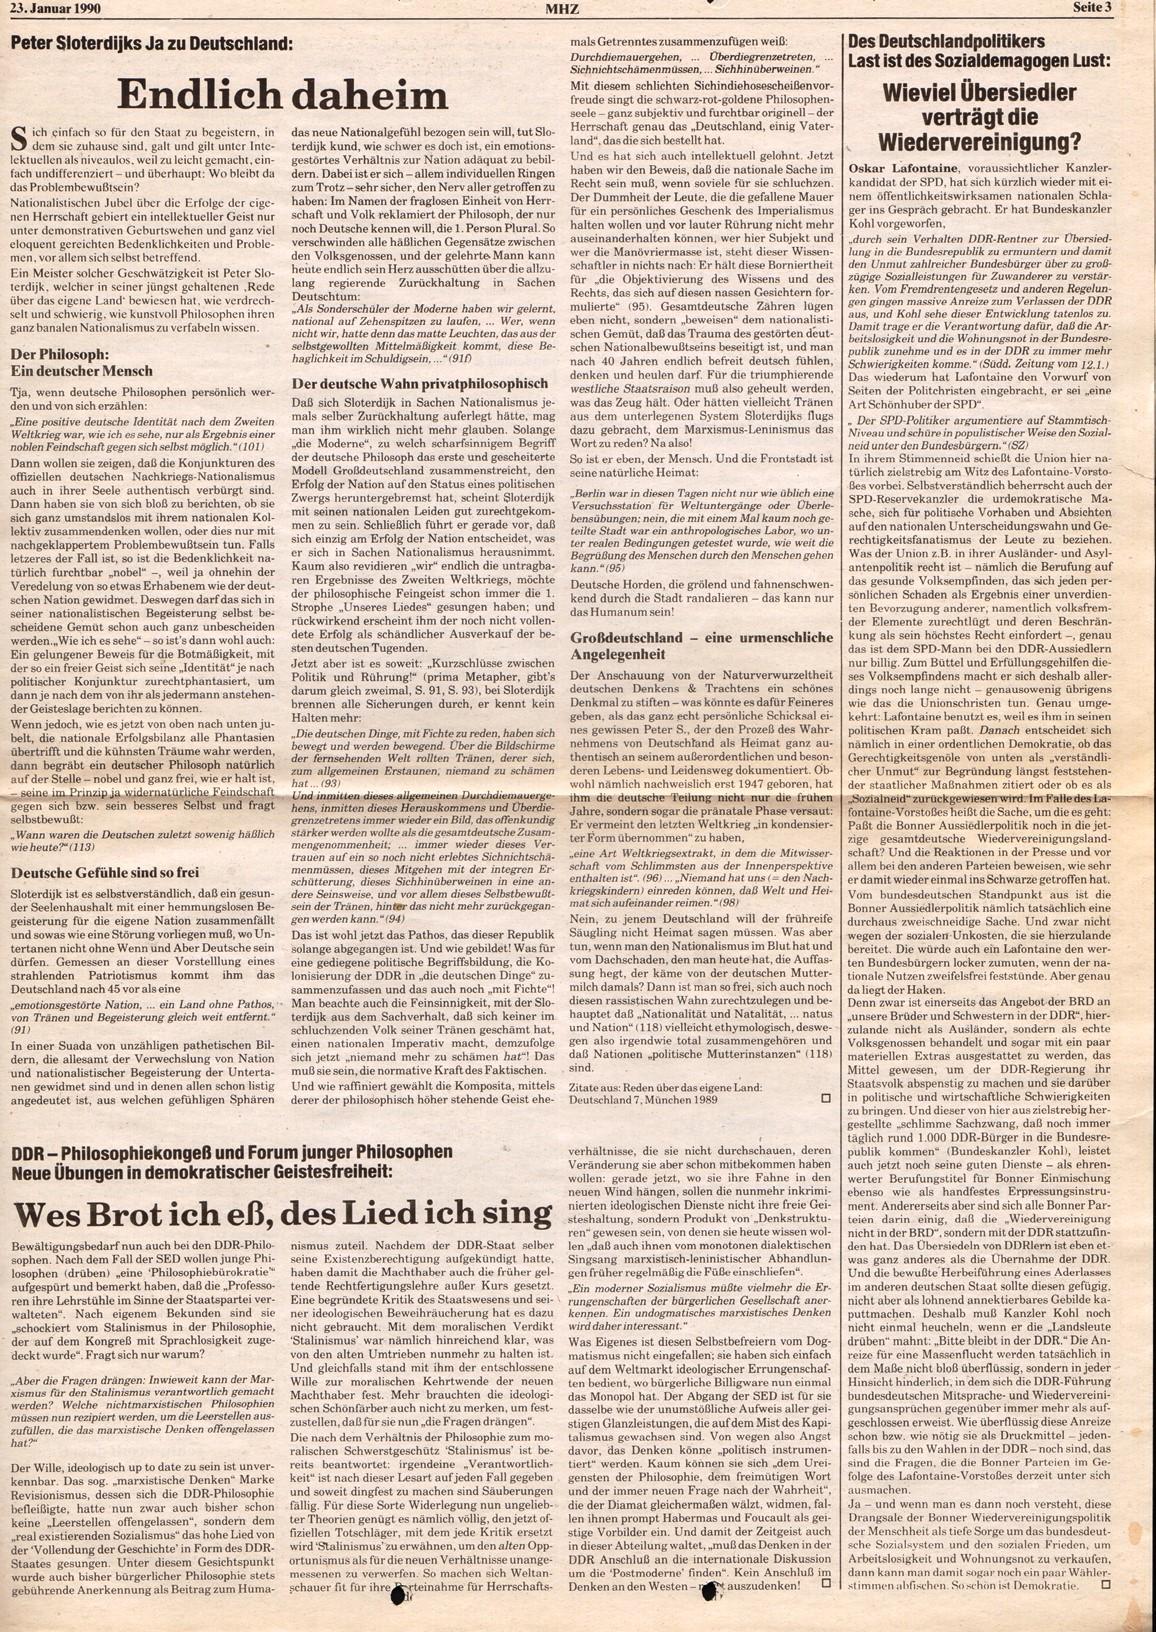 Muenchen_MG_Hochschulzeitung_19900123_03